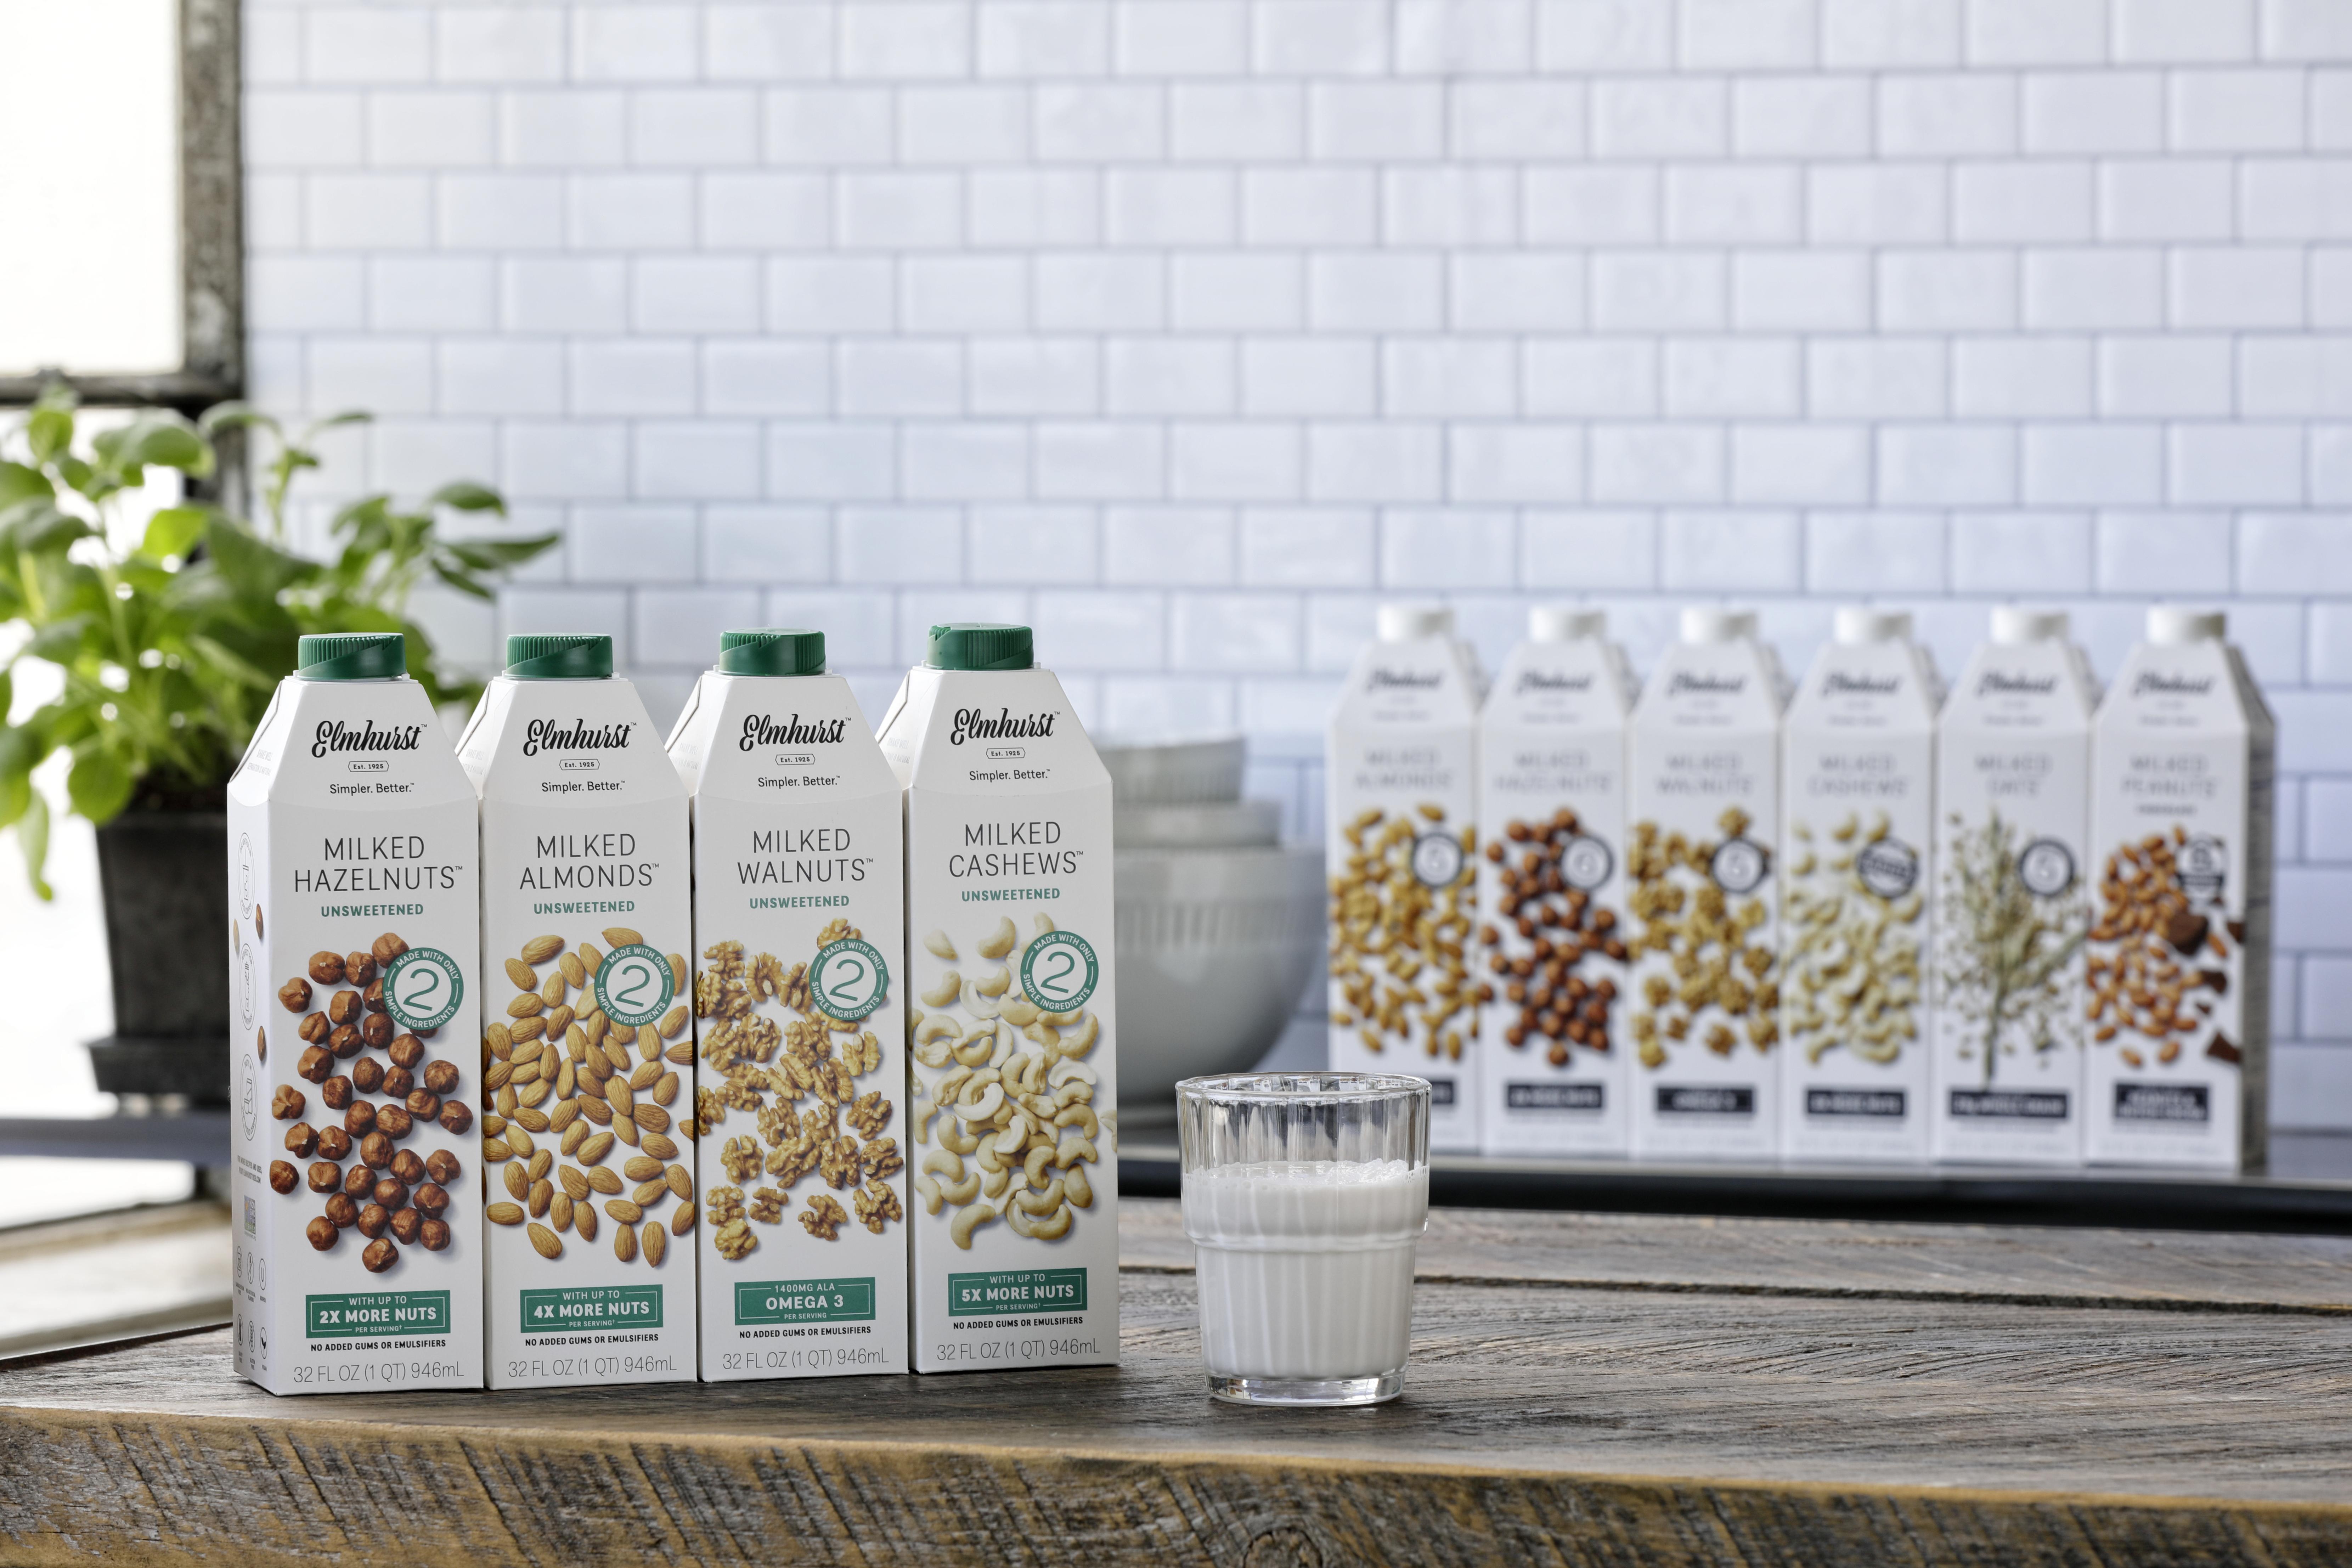 What We Talk About When We Talk About Milk | Sierra Club